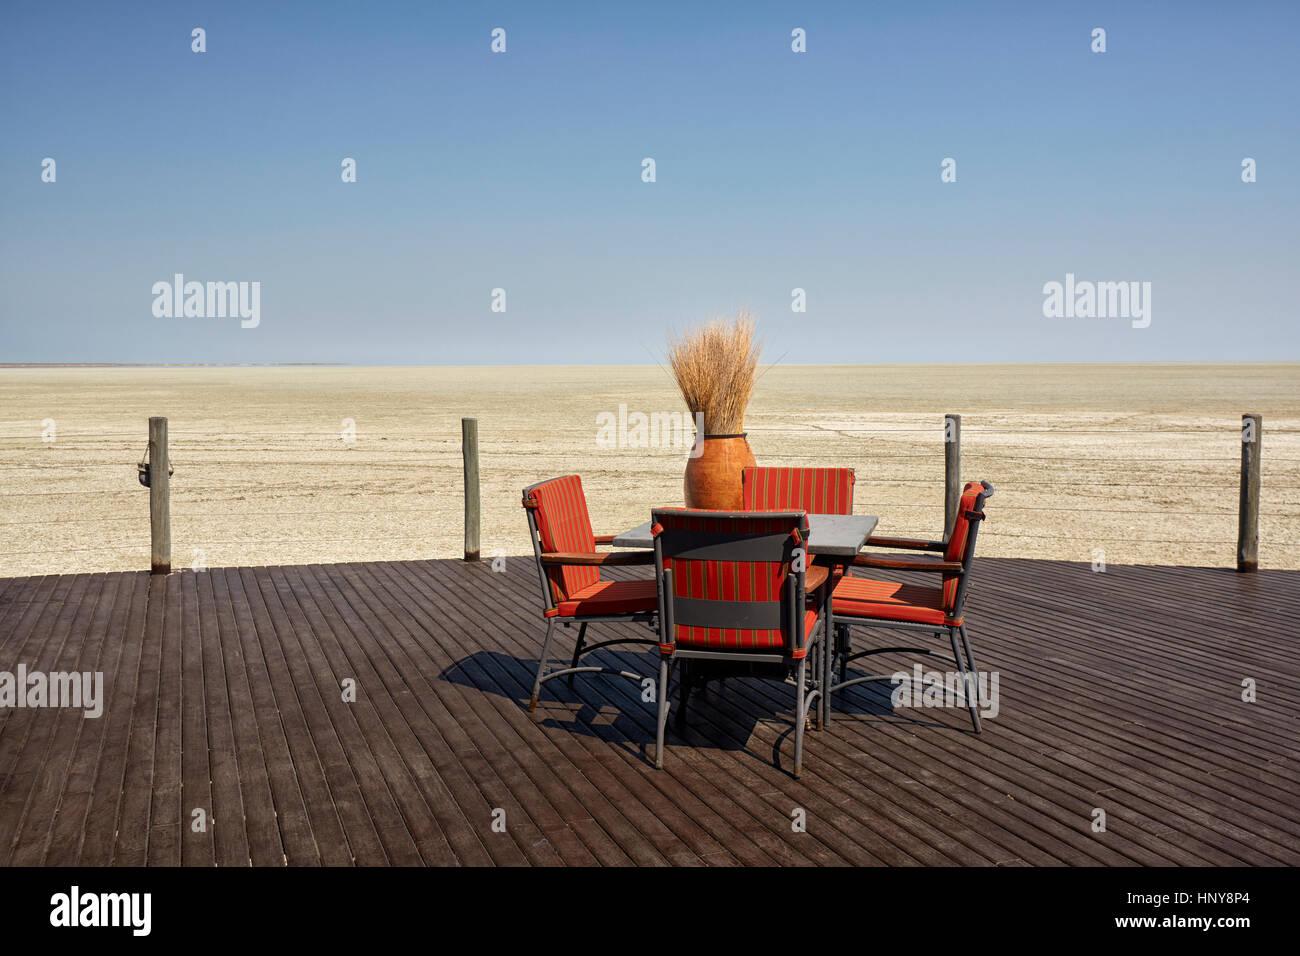 Outdoor sitting in the Onkoshi camp restaurant, Etosha National Park, Namibia, Africa - Stock Image